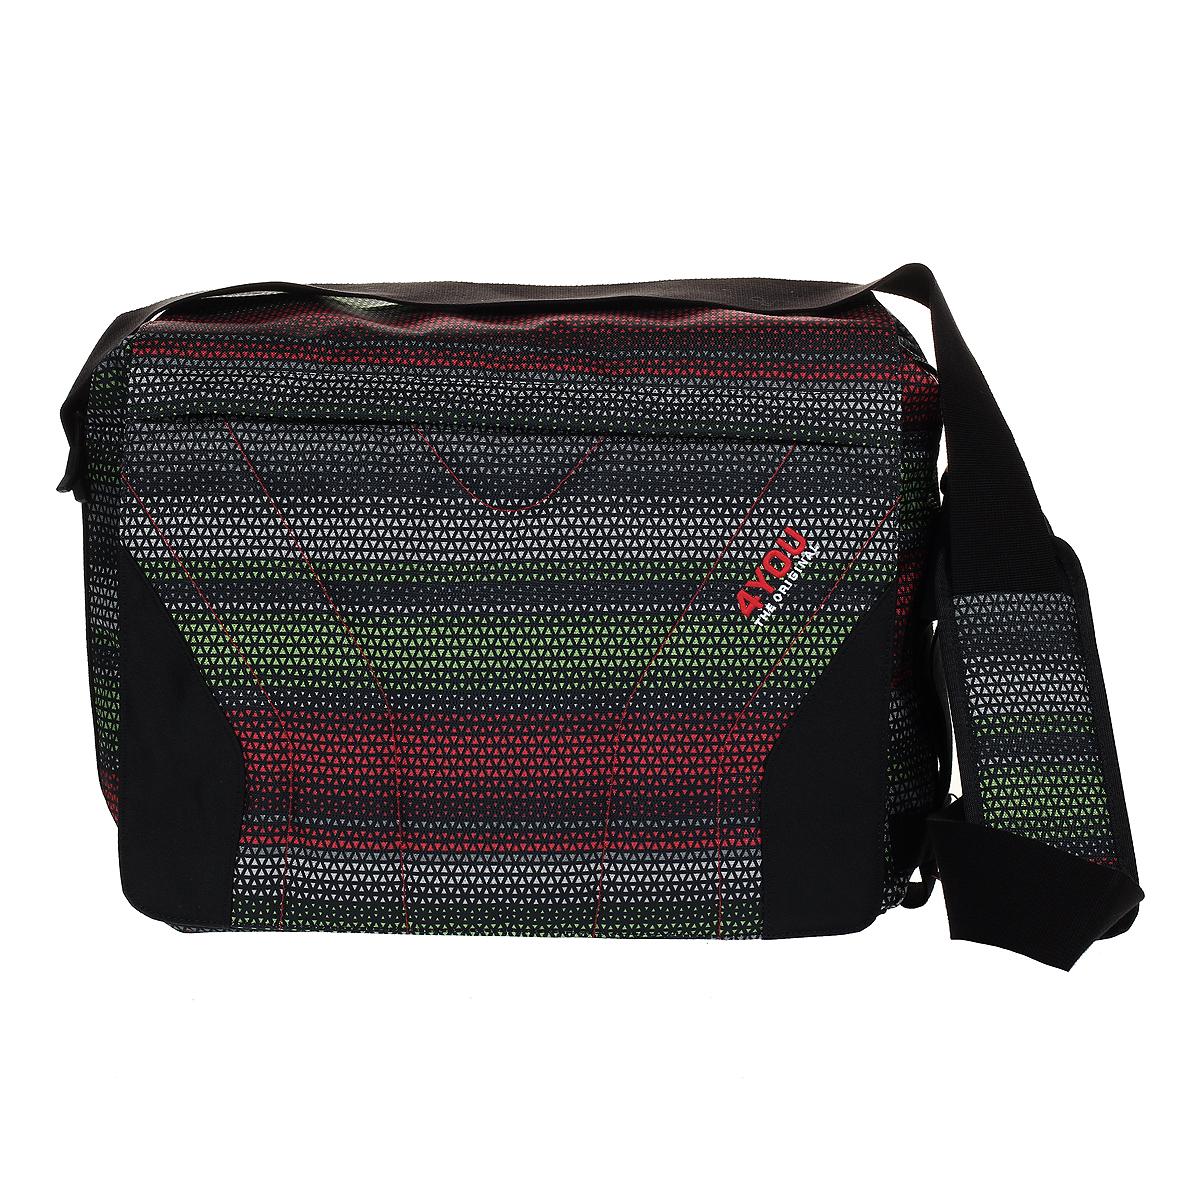 4You Сумка школьная Igrec цвет черный красный зеленый172300-118Школьная сумка 4You Igrec выполнена из прочного износостойкого материала черного цвета и оформлена маленькими треугольничками красного, зеленого и серого цветов. Сумка состоит из одного вместительного отделения и закрывается на застежку-молнию с двумя бегунками и сверху клапаном на магнитах. Внутри отделения находится специальная секция для переноски ноутбука или планшета, большой карман на застежке-молнии, вентилируемый карман без застежки, кармашек для мобильного телефона с мягкой внутренней поверхностью и два фиксатора для пишущих принадлежностей. На клапане и тыльной стороне сумки расположены внешние прорезные карманы, закрывающиеся на застежки-молнии. Сумка оснащена широким плечевым ремнем, регулируемым по длине.